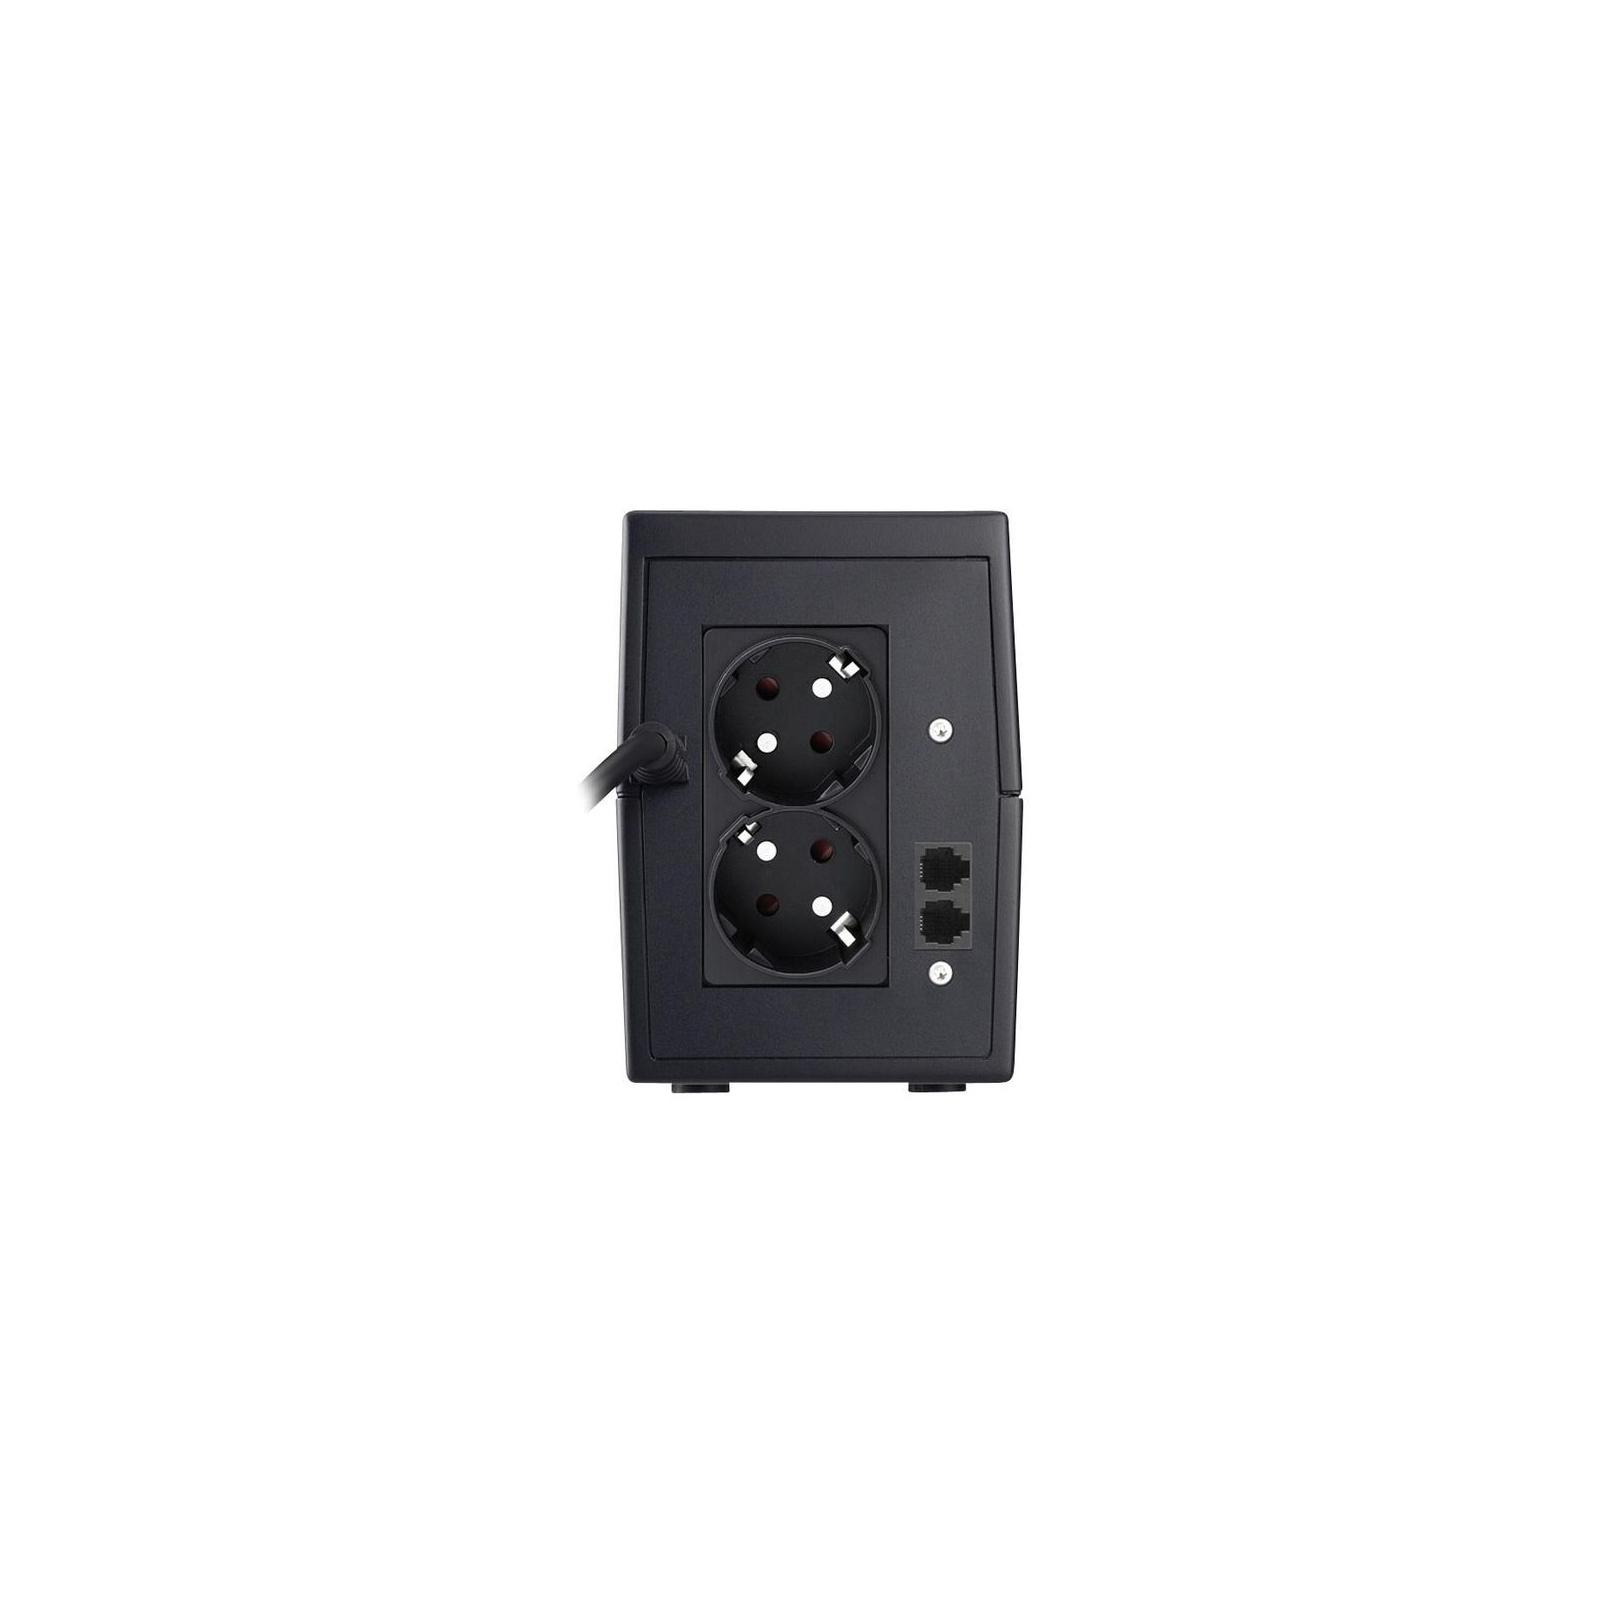 Источник бесперебойного питания PowerWalker VI 650 SE USB (10120048) изображение 2